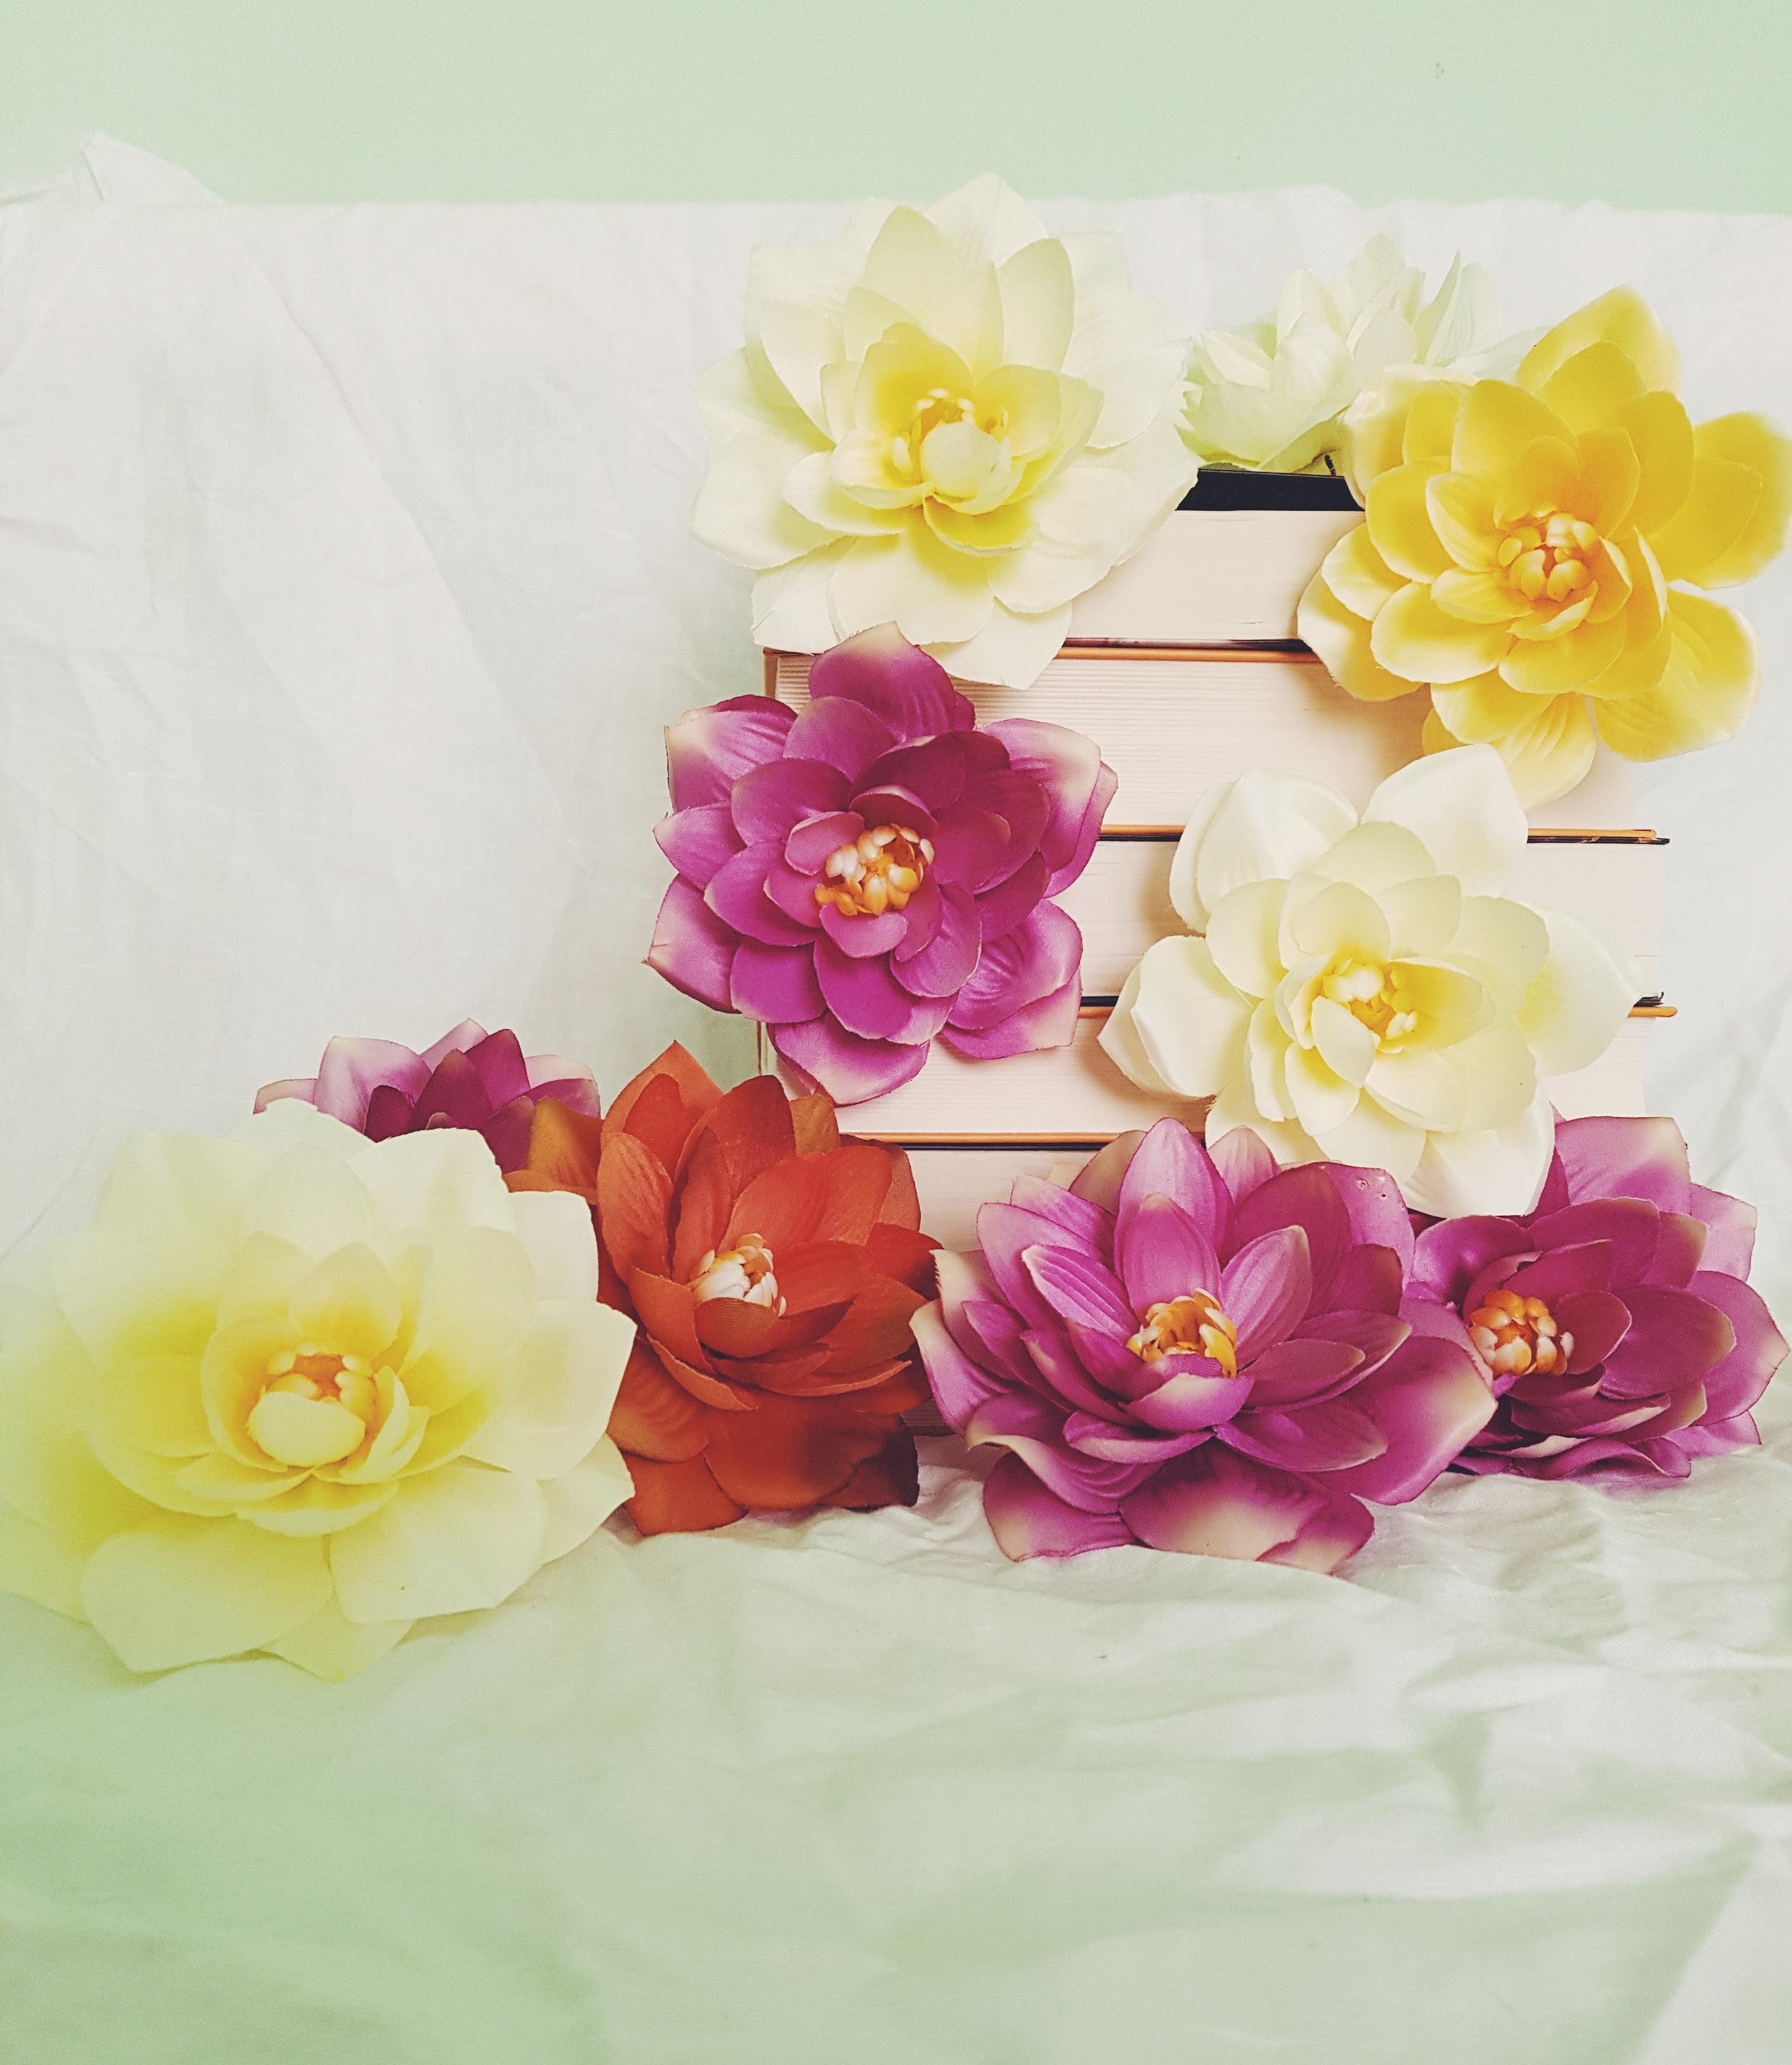 5 cărți care mi-au făcut vara mai frumoasă